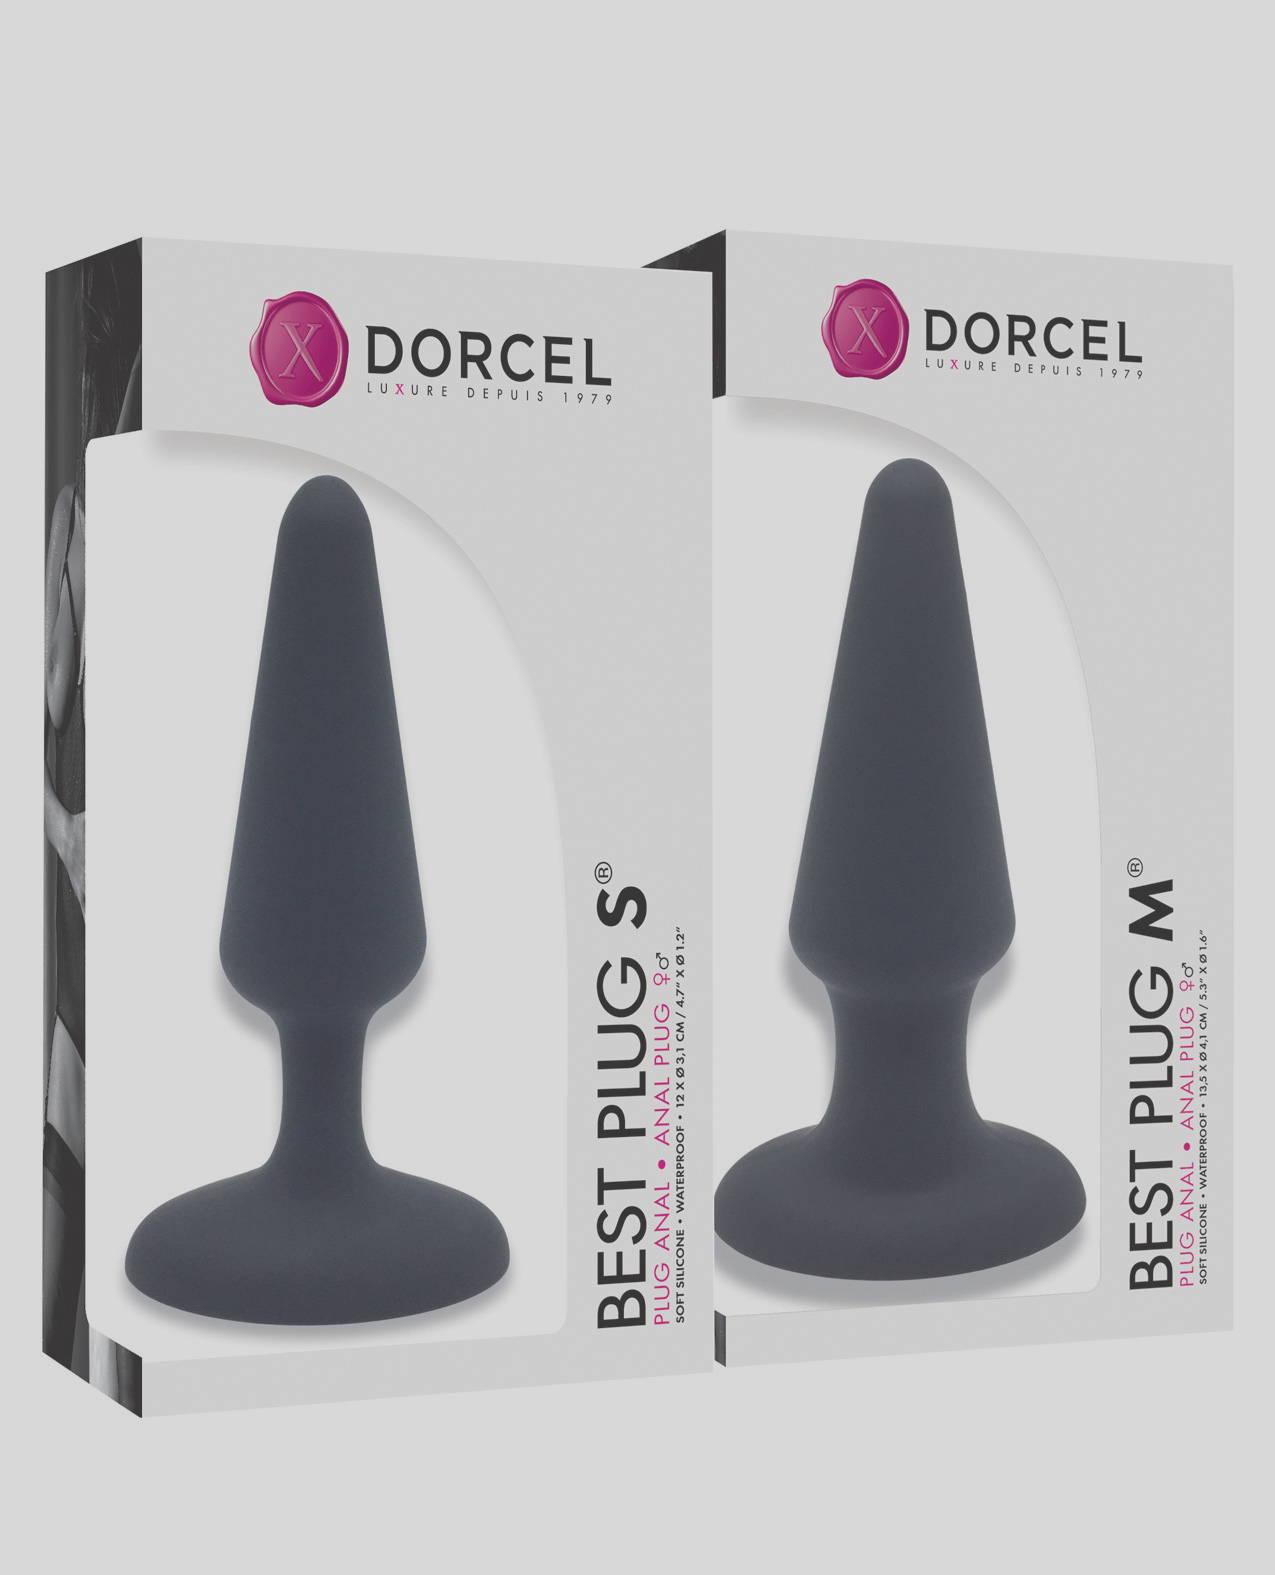 dorcel plug starter kit